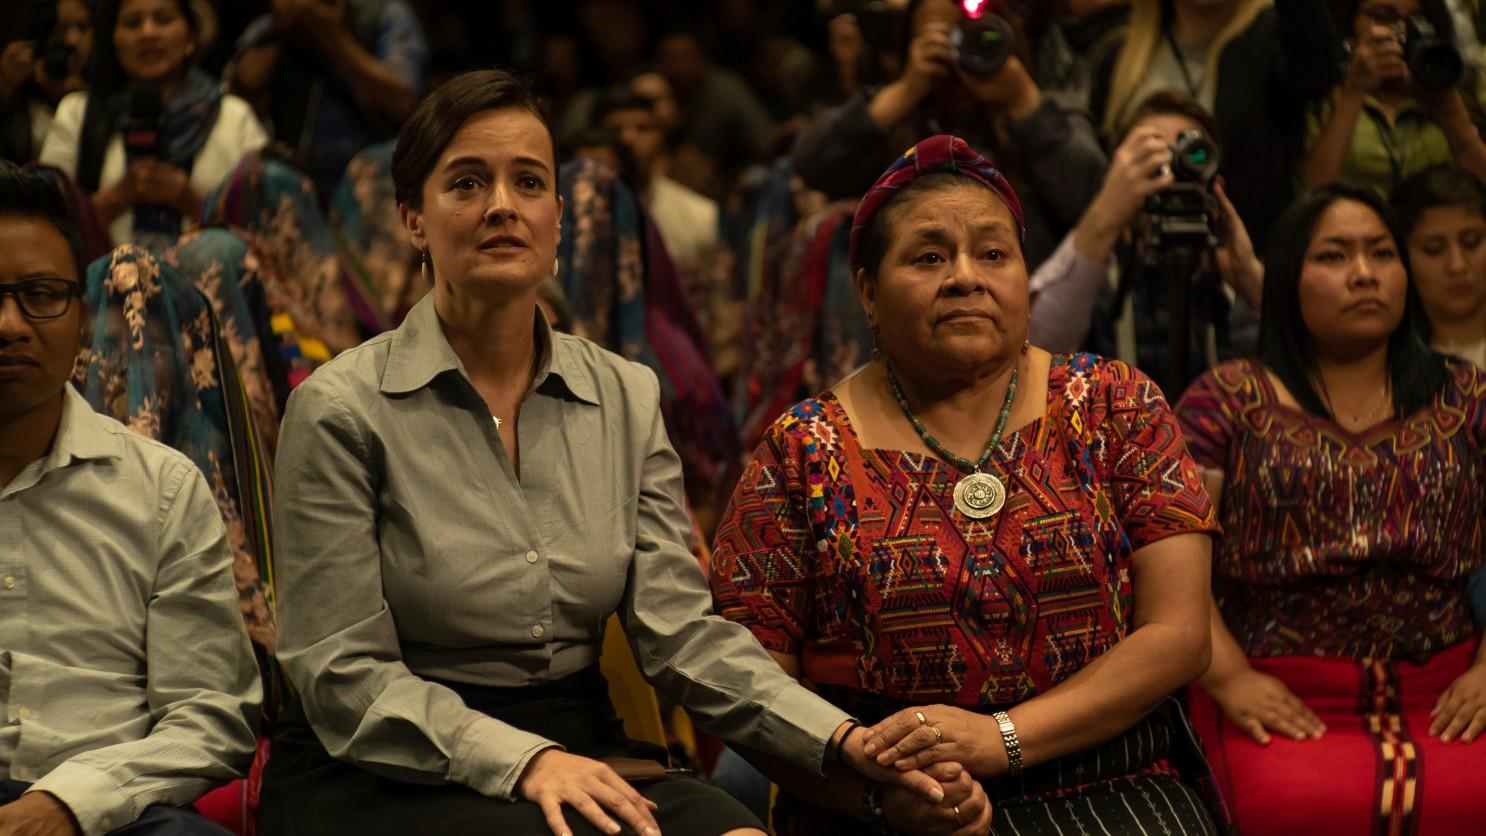 Cena do filme La Llorona. No centro e à direita da imagem vemos Rigoberta Menchú, uma mulher indígena, com um colar verde e branco, uma faixa roxa no cabelo e uma camisa laranja com detalhes indígenas em azul, branco e preto. Ela segura as mãos de uma mulher branca à sua esquerda, com uma camisa social cinza e cabelos presos. As duas estão sentadas e possuem uma feição curiosa e esperançosa. Atrás, várias outras mulheres de origem maia-ixile e jornalistas estão sentadas.